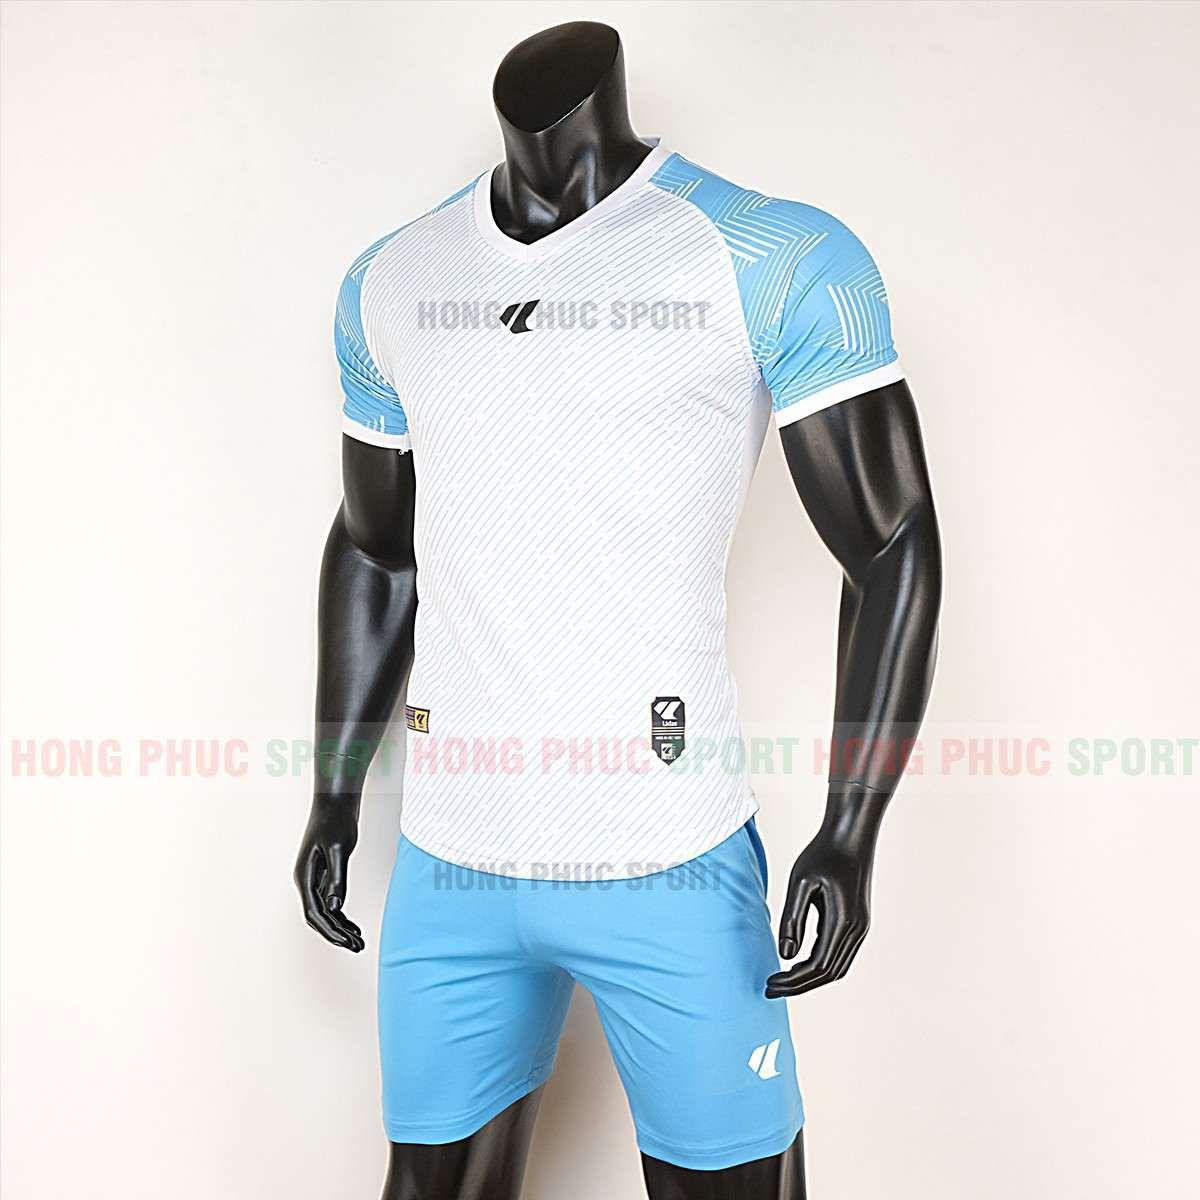 https://cdn.hongphucsport.com/unsafe/cdn.hongphucsport.com/dothethao.net.vn/wp-content/uploads/2020/02/ao-bong-da-khong-logo-lidas-wariors-trang-xanh-bich-3.jpg